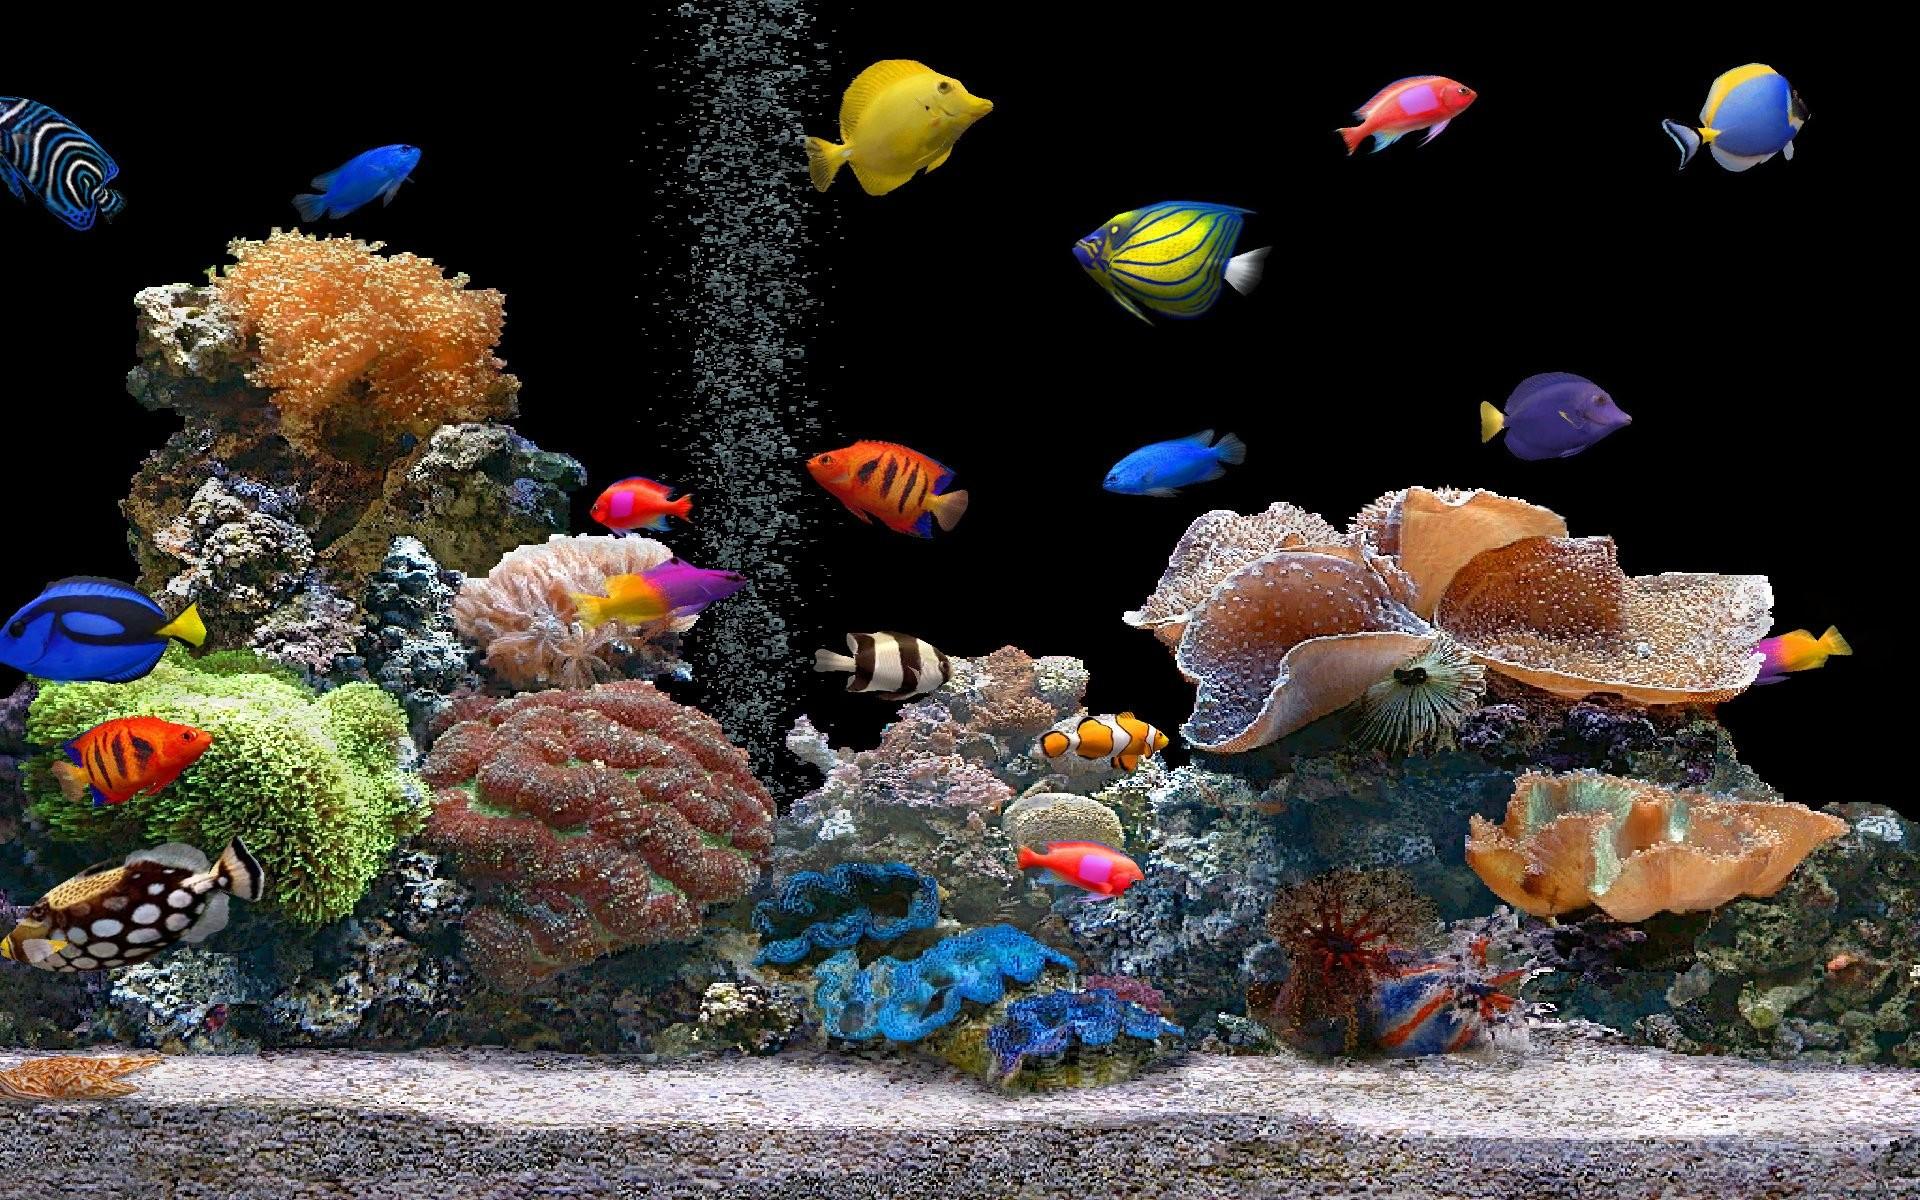 Aquarium wallpaper – 120085